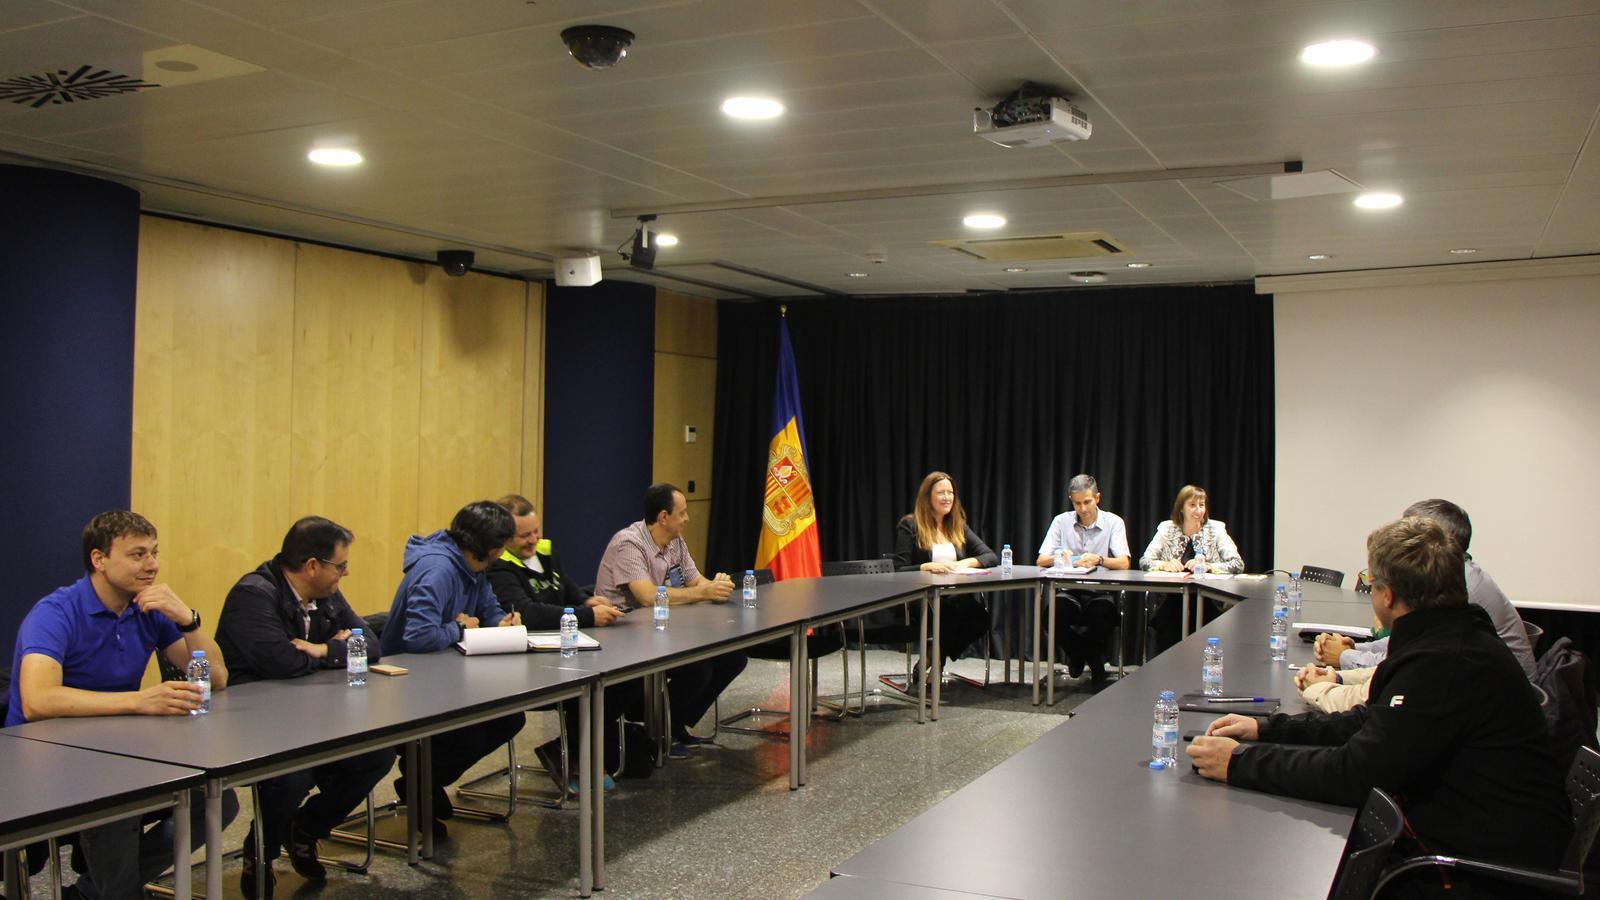 La ministra de Funció Pública i Reforma de l'Administració, Eva Descarrega, i altres càrrecs de la Funció Pública, en una reunió amb els sindicats celebrada el passat setembre. / ARXIU ANA